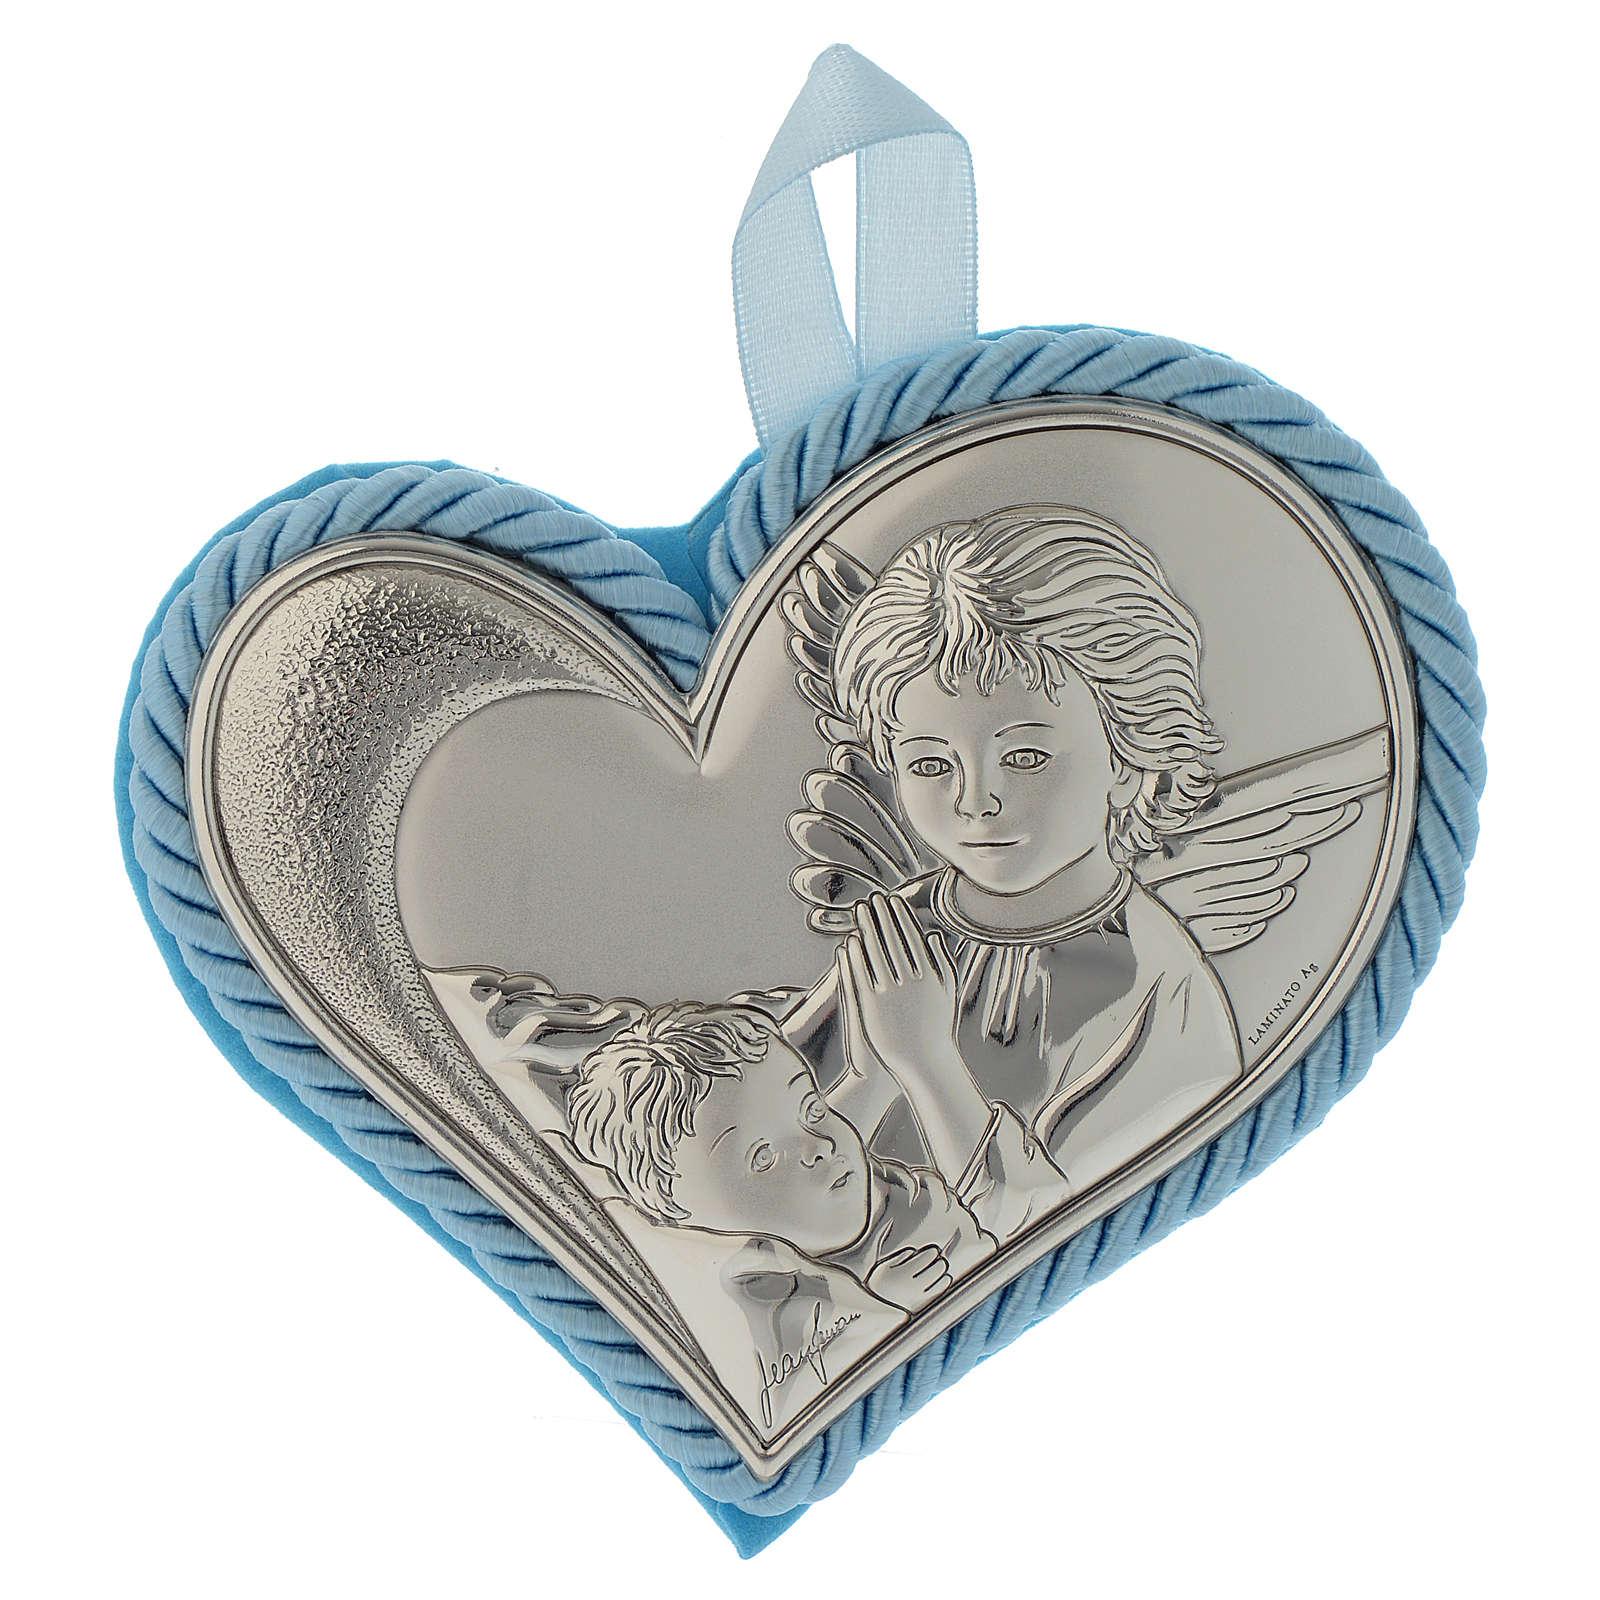 Médaillon lit coeur plaque argent avec ange carillon bleu 4